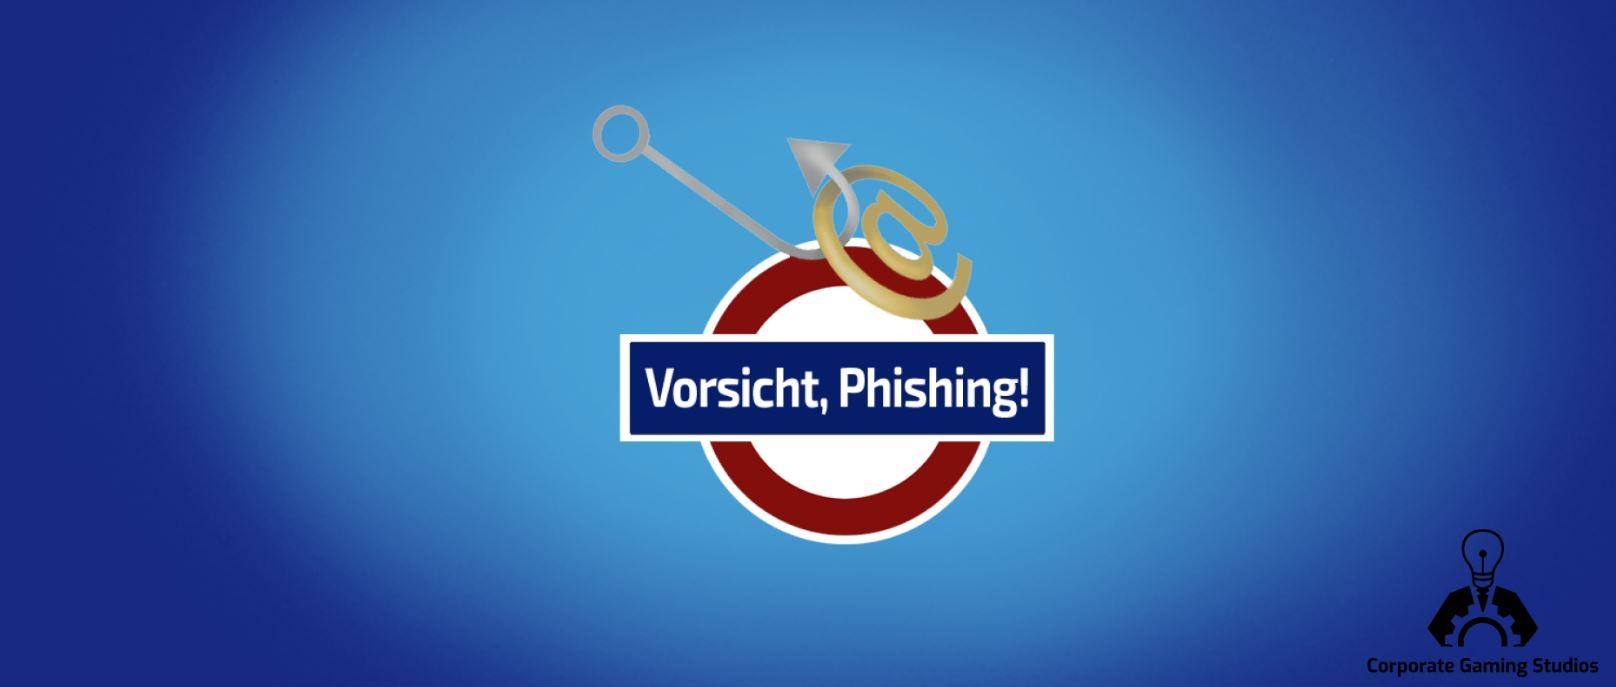 BSI stellt Phishing-Spiel gegen Cyber-Angriffe auf der Gamescom vor